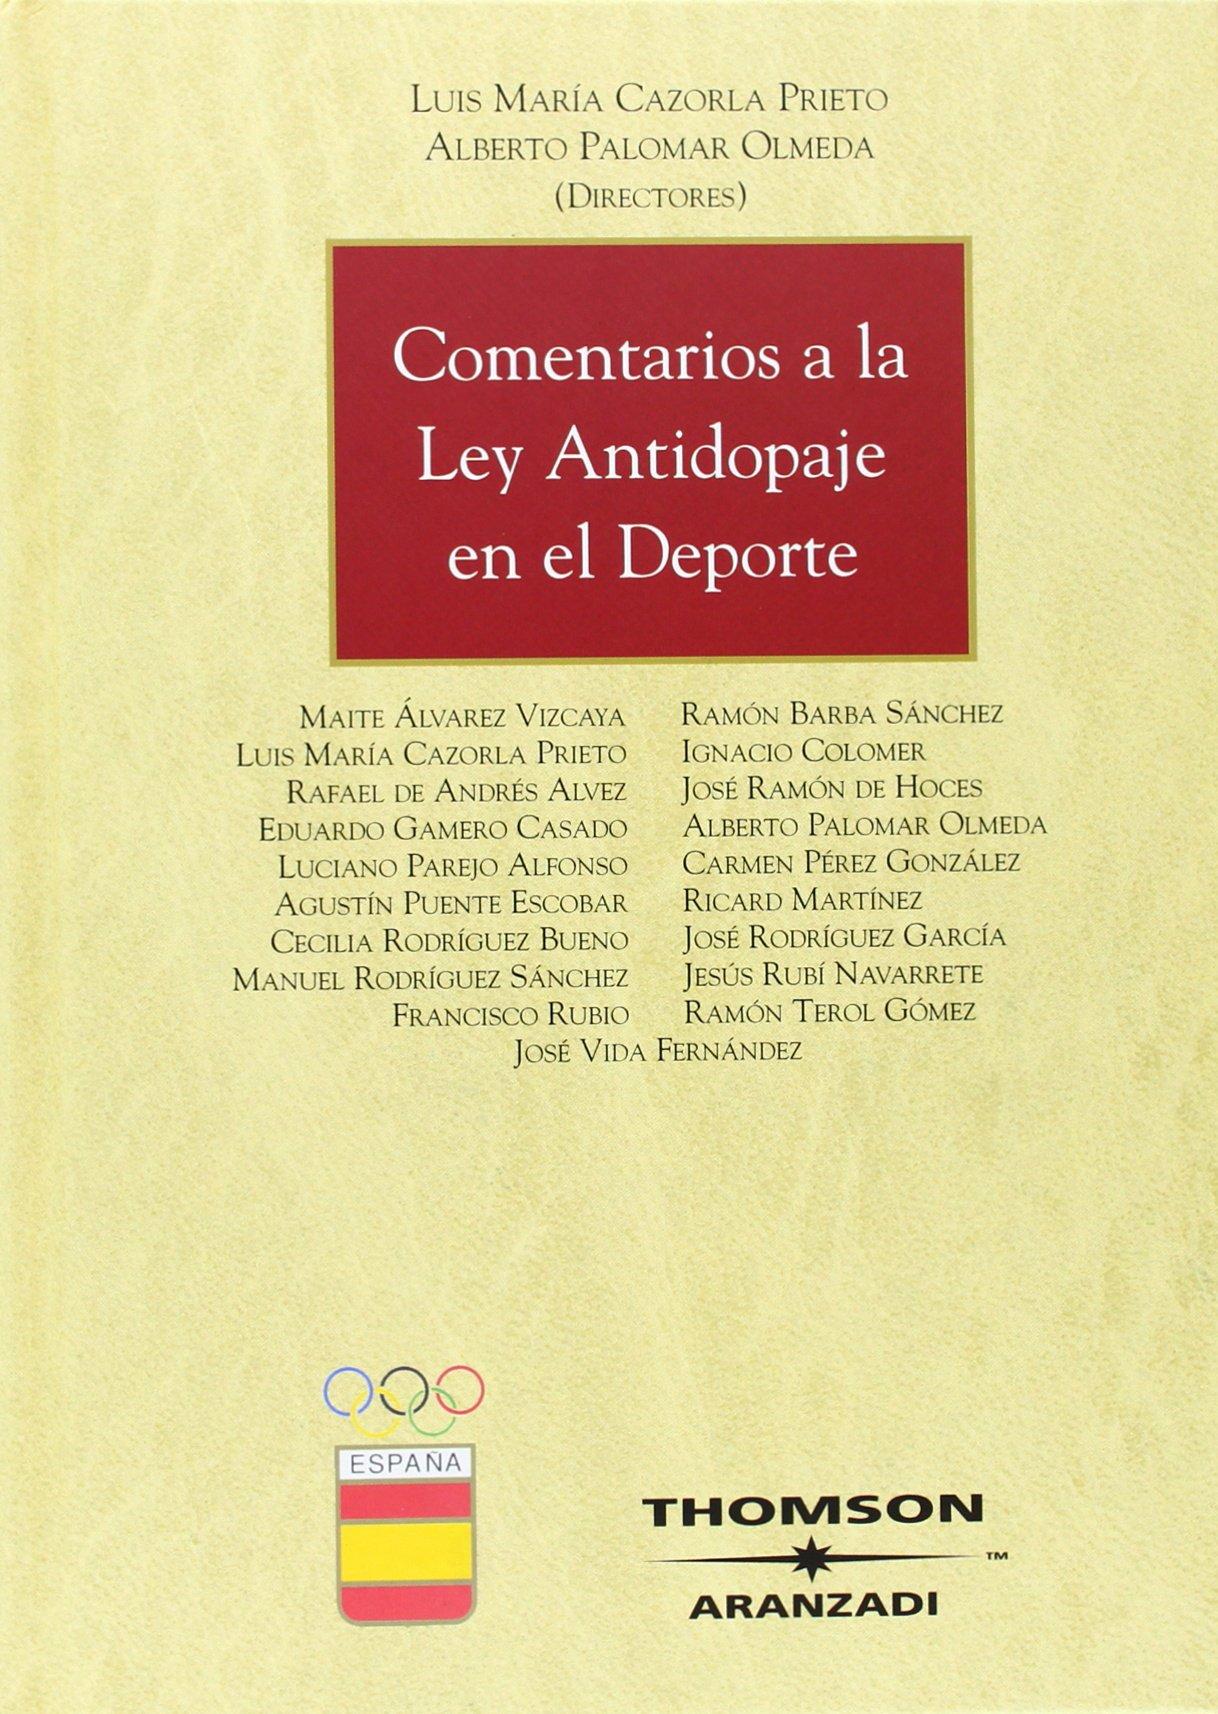 Comentarios a la Ley Antidopaje en el deporte Gran Tratado: Amazon.es: Cazorla Prieto, Luis María, Palomar Olmeda, Alberto: Libros